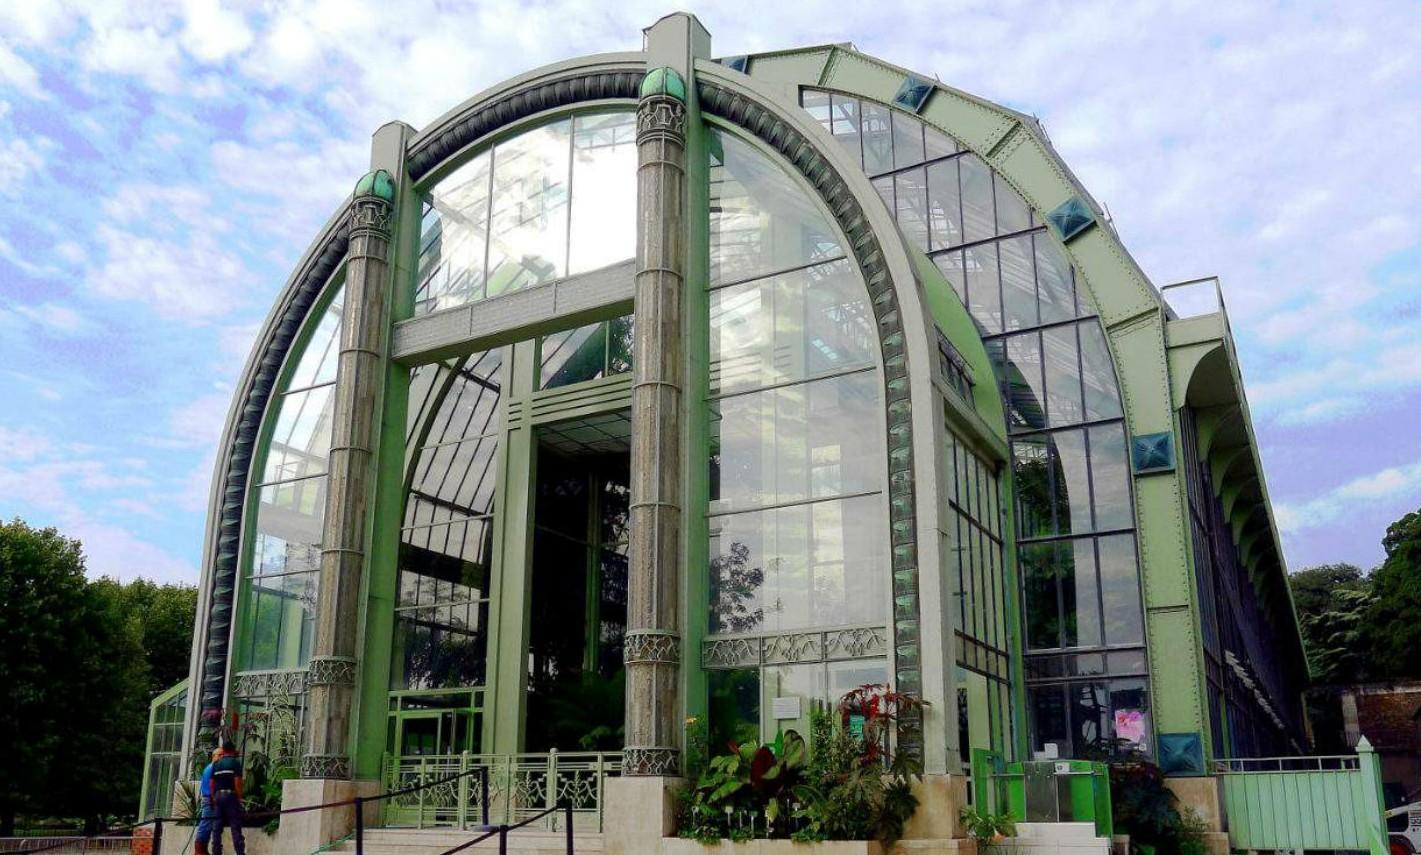 De 10 mooiste greenhouses ter wereld - Jardin des Planten in Parijs